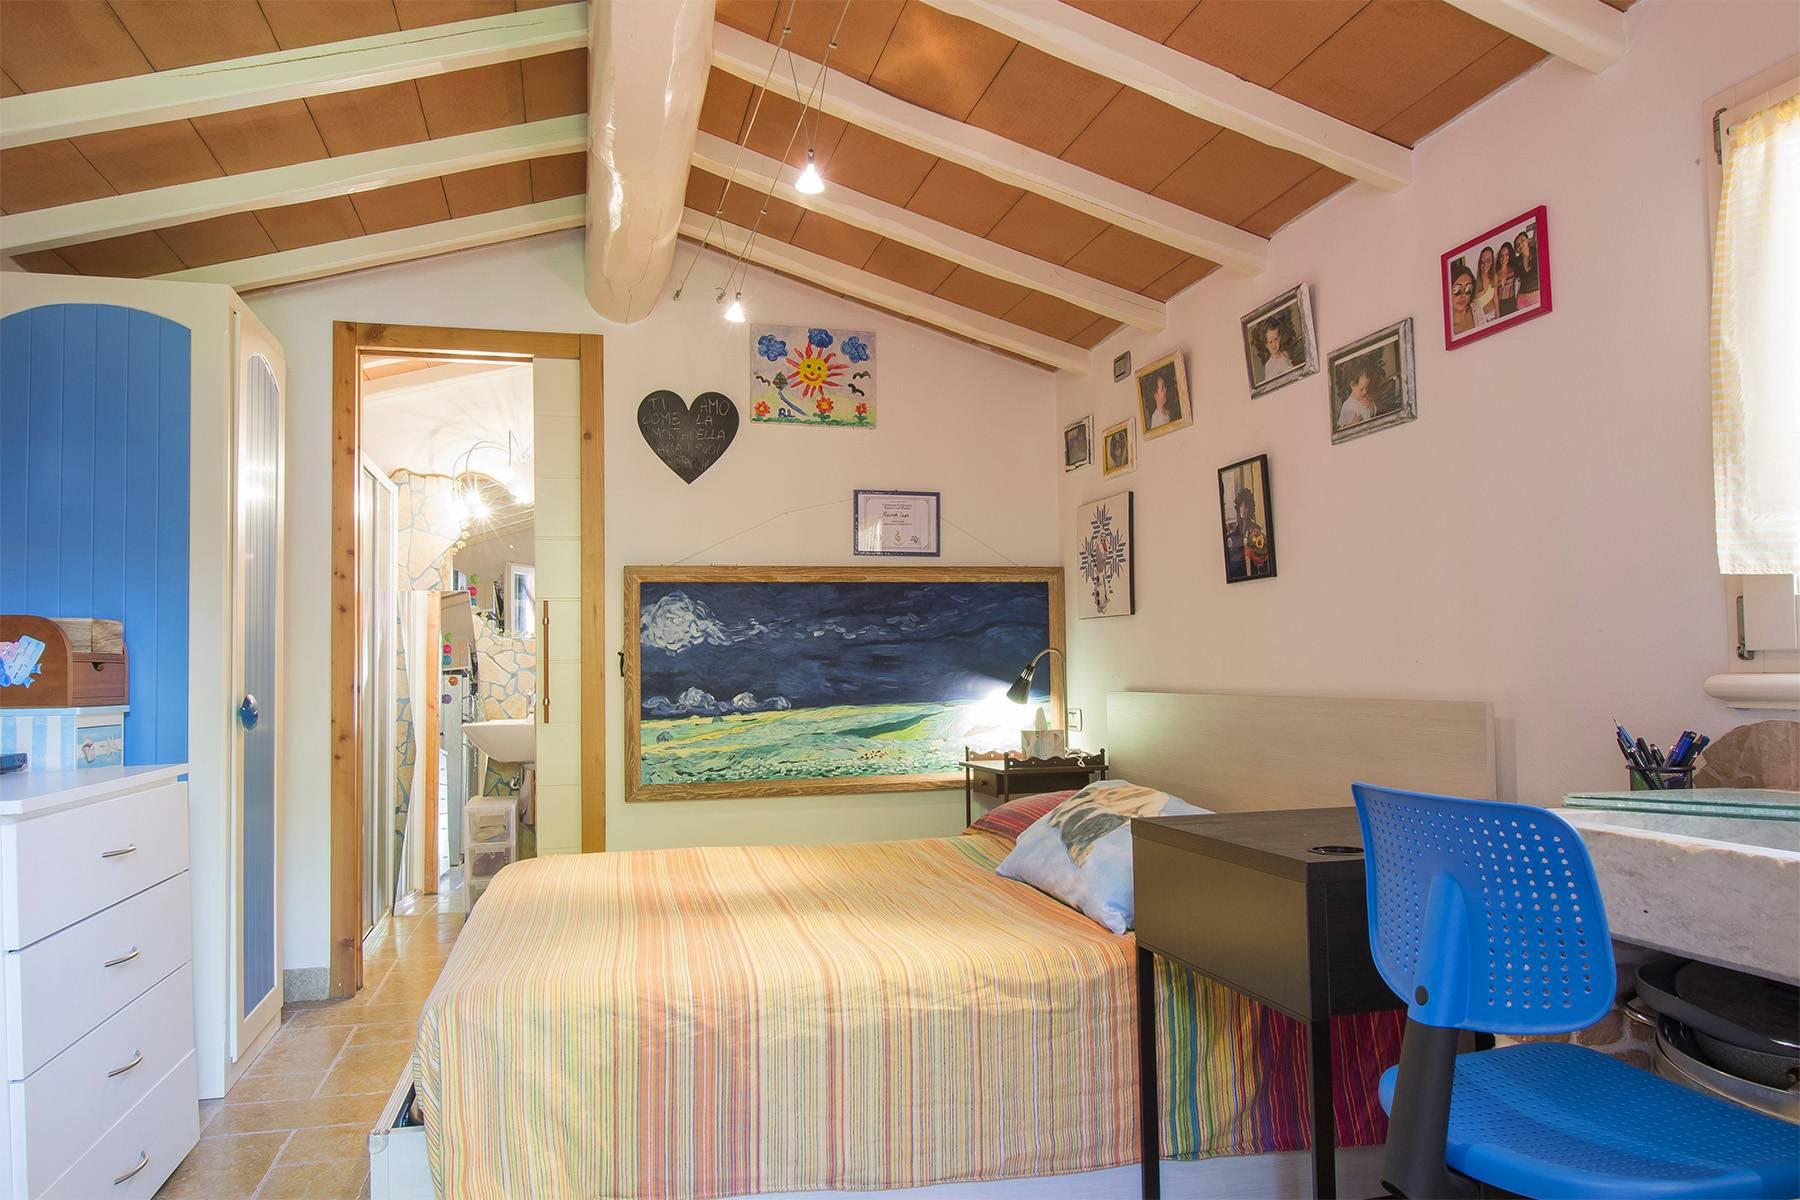 Casa indipendente in Vendita a Pietrasanta: 5 locali, 180 mq - Foto 21